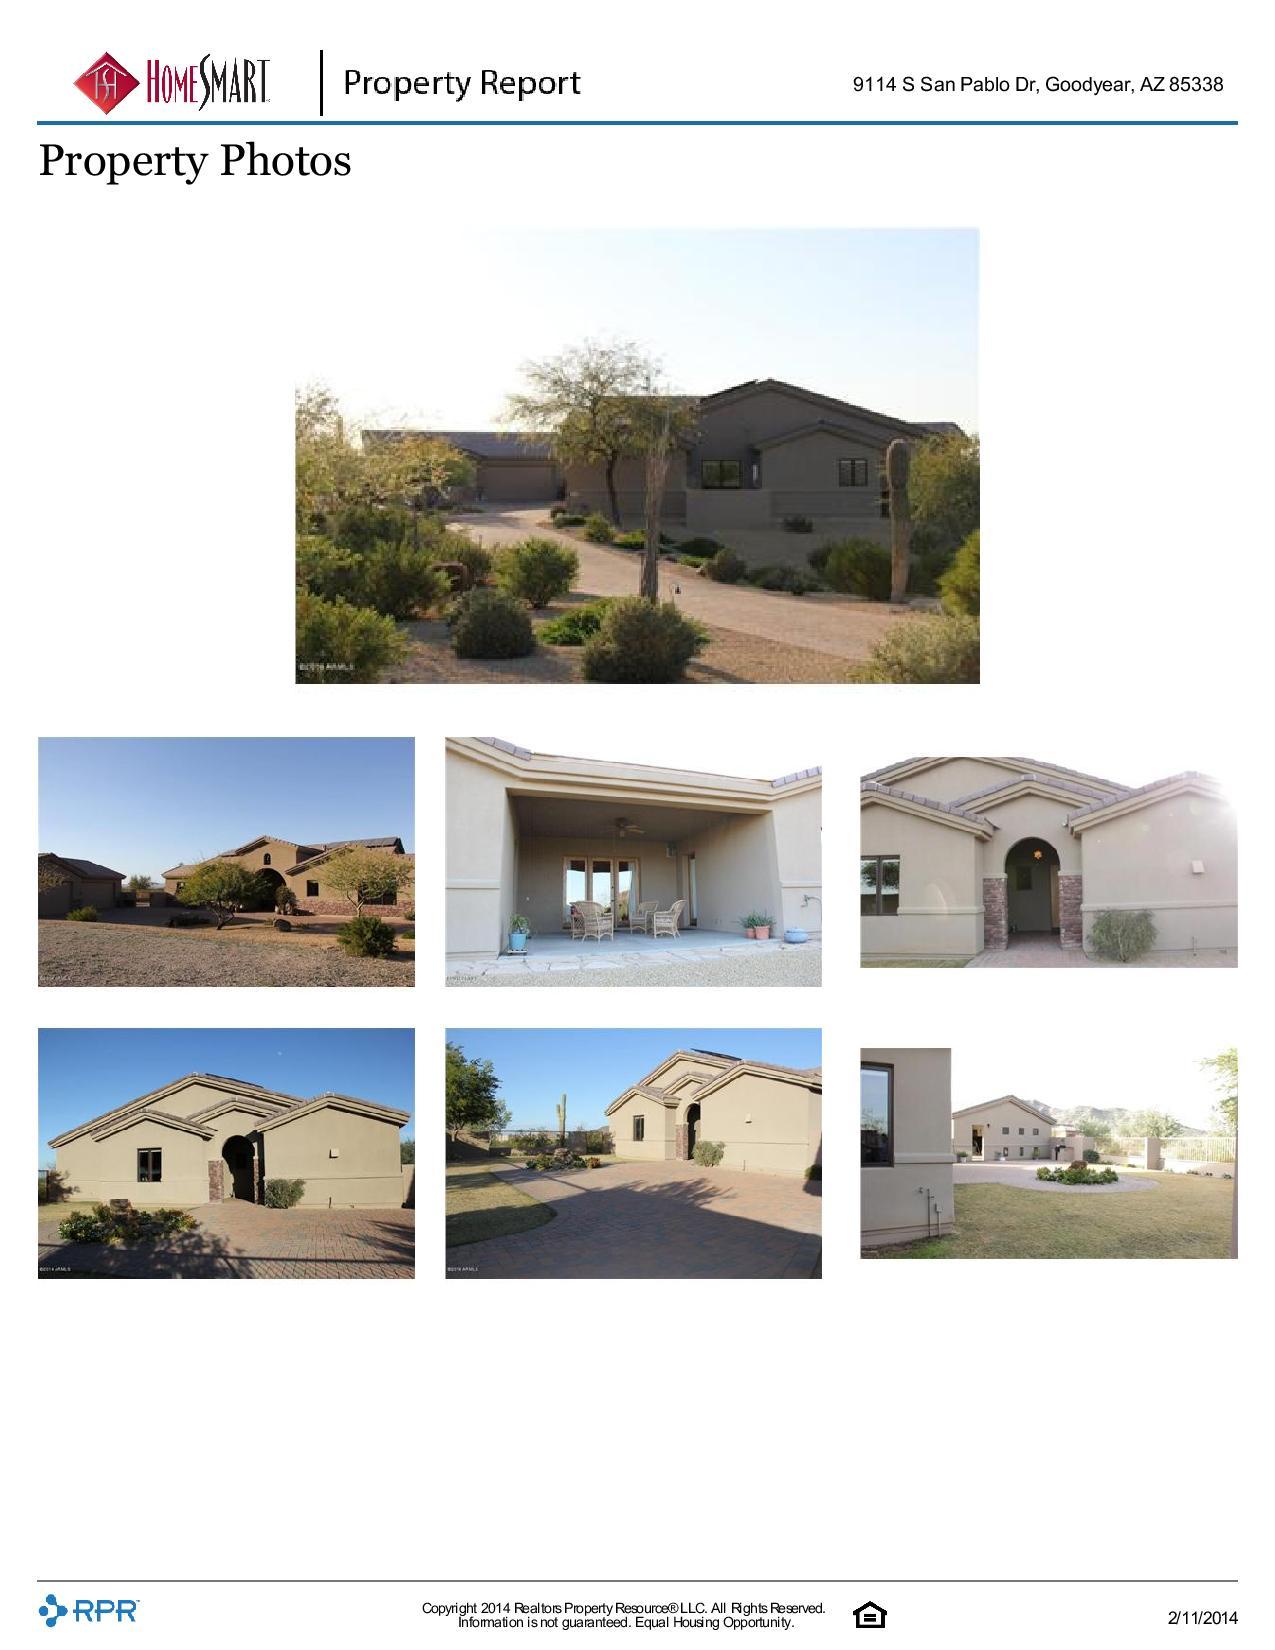 9114-S-San-Pablo-Dr-Goodyear-AZ-85338-page-005